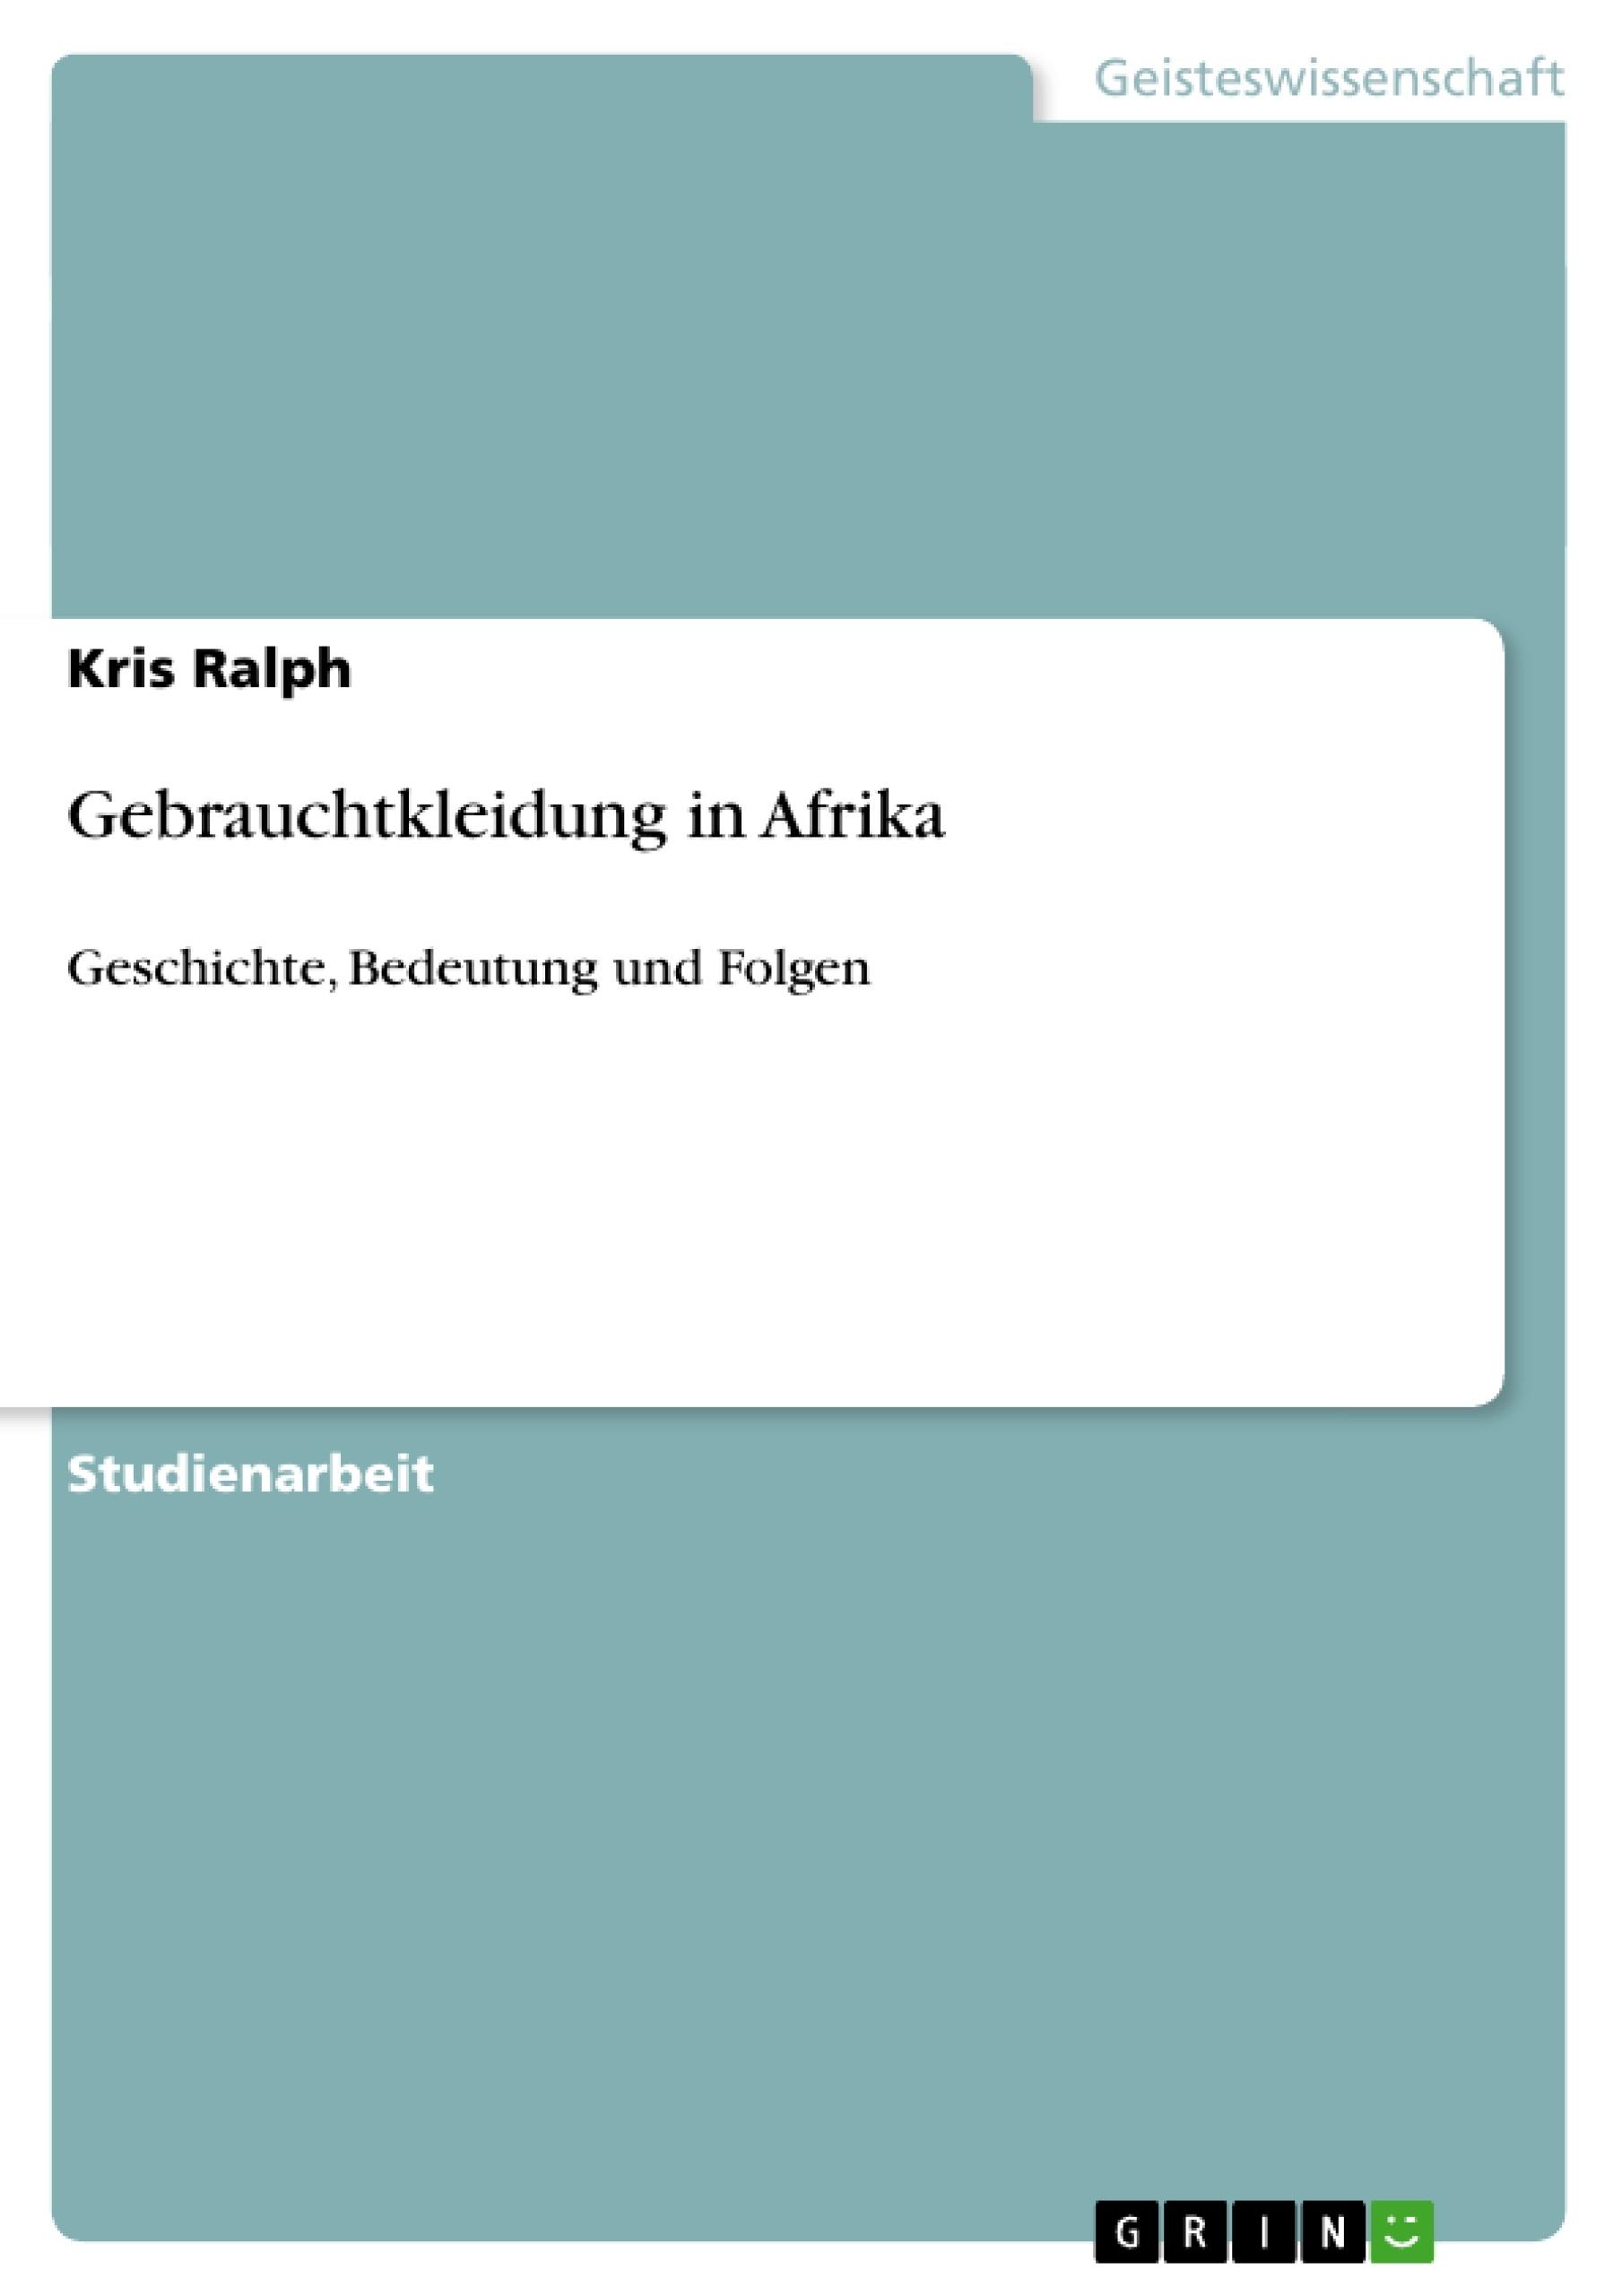 Titel: Gebrauchtkleidung in Afrika